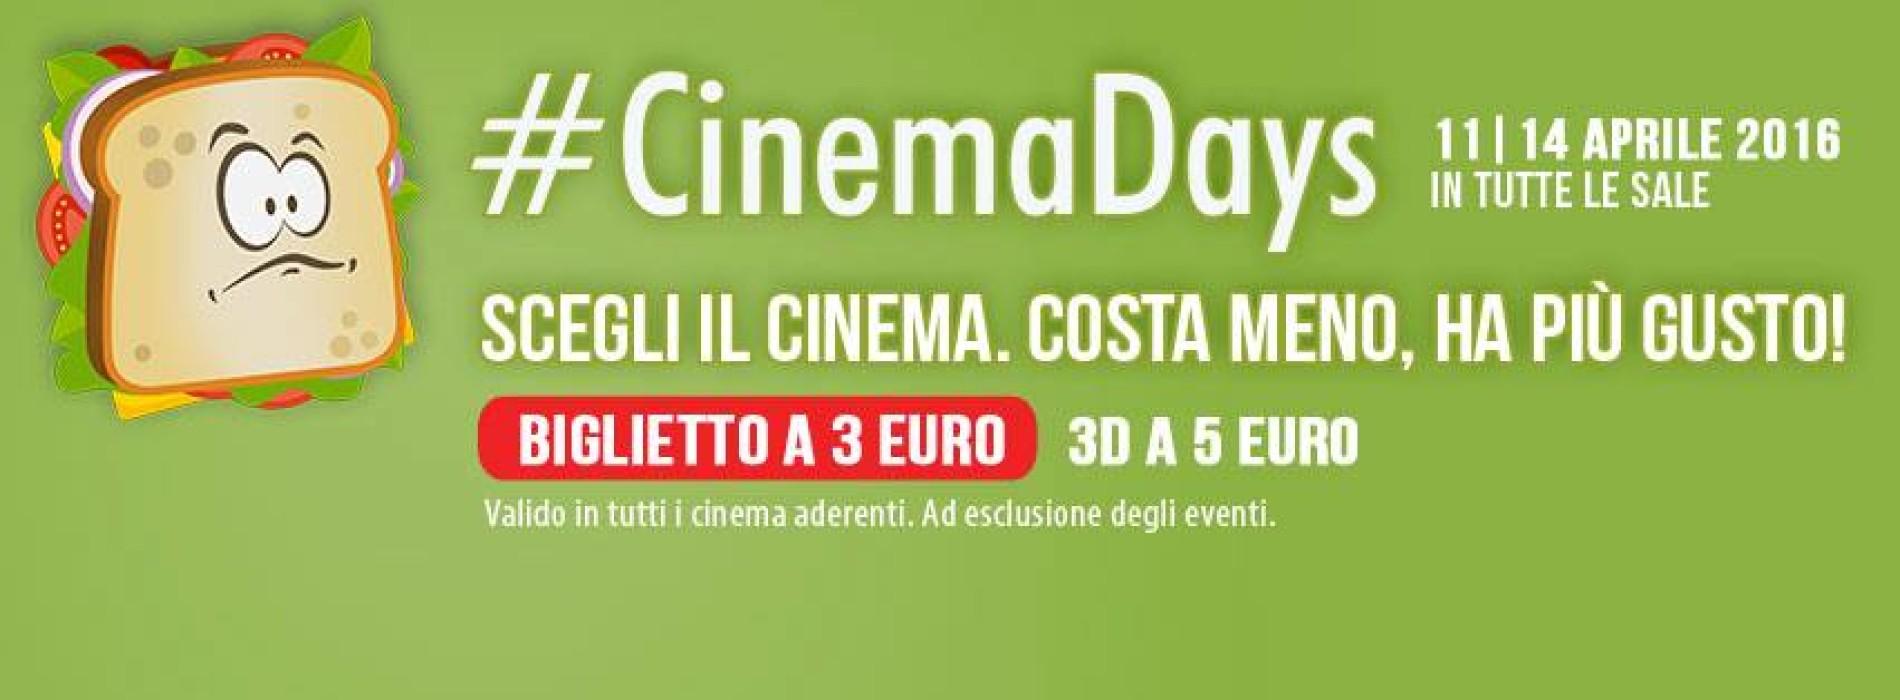 #CinemaDays2016: al cinema con soli 3 euro! Ecco le sale aderenti a Napoli e provincia.